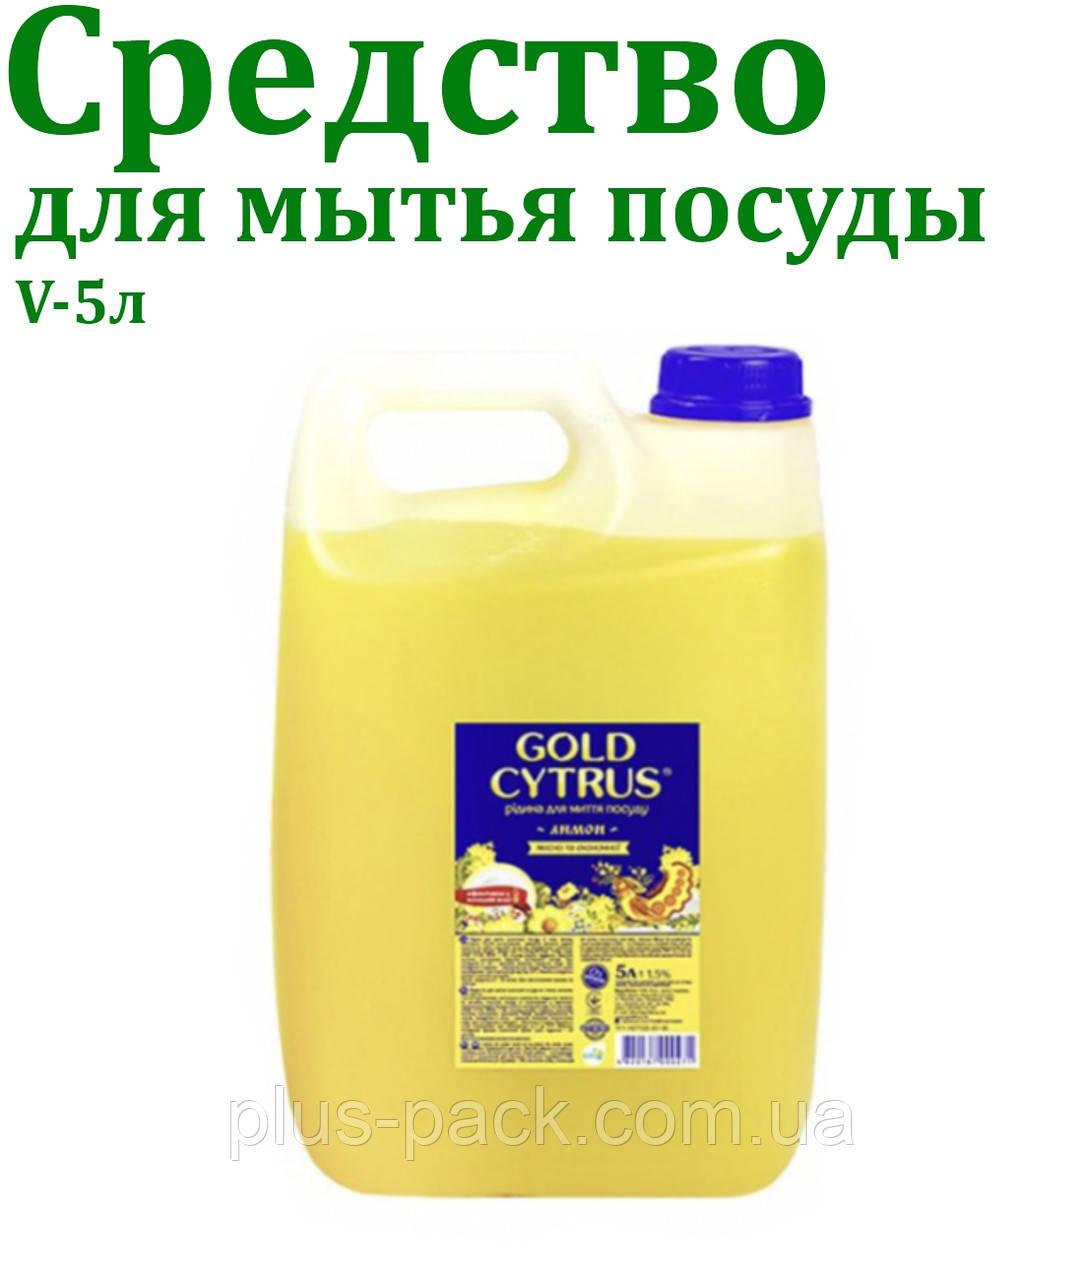 Засіб для миття посуду Gold Cytrus Limon, 5л